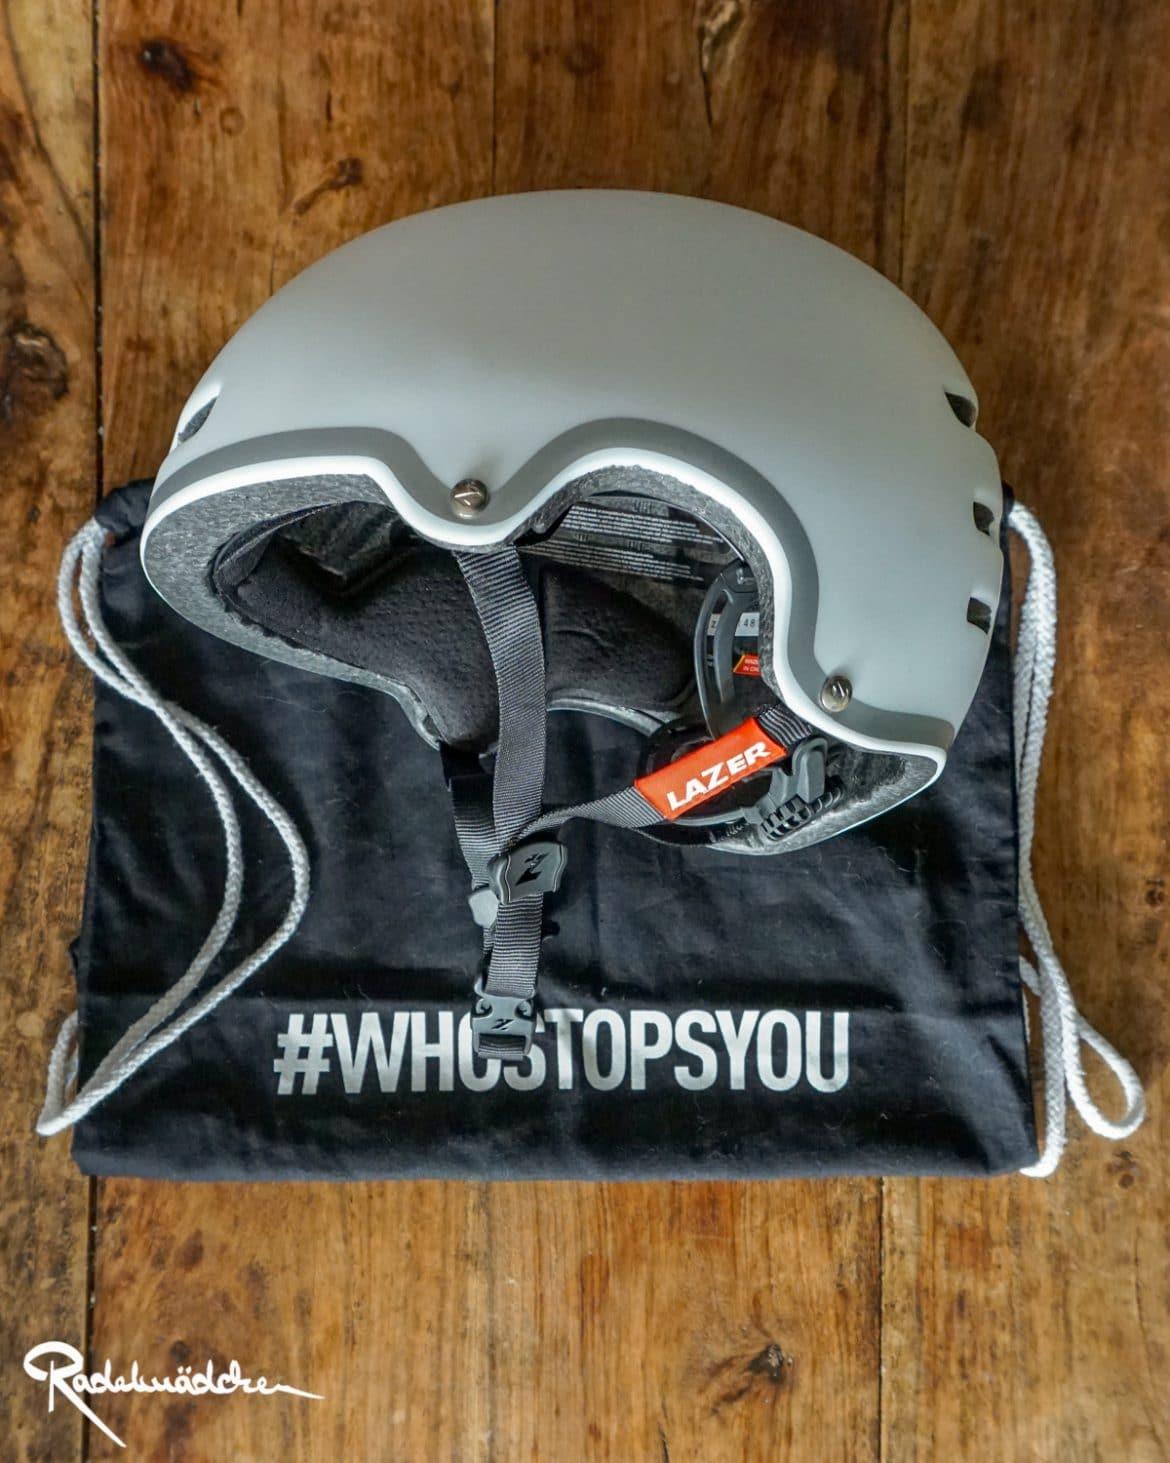 weißer Lazer Helm und Beutel